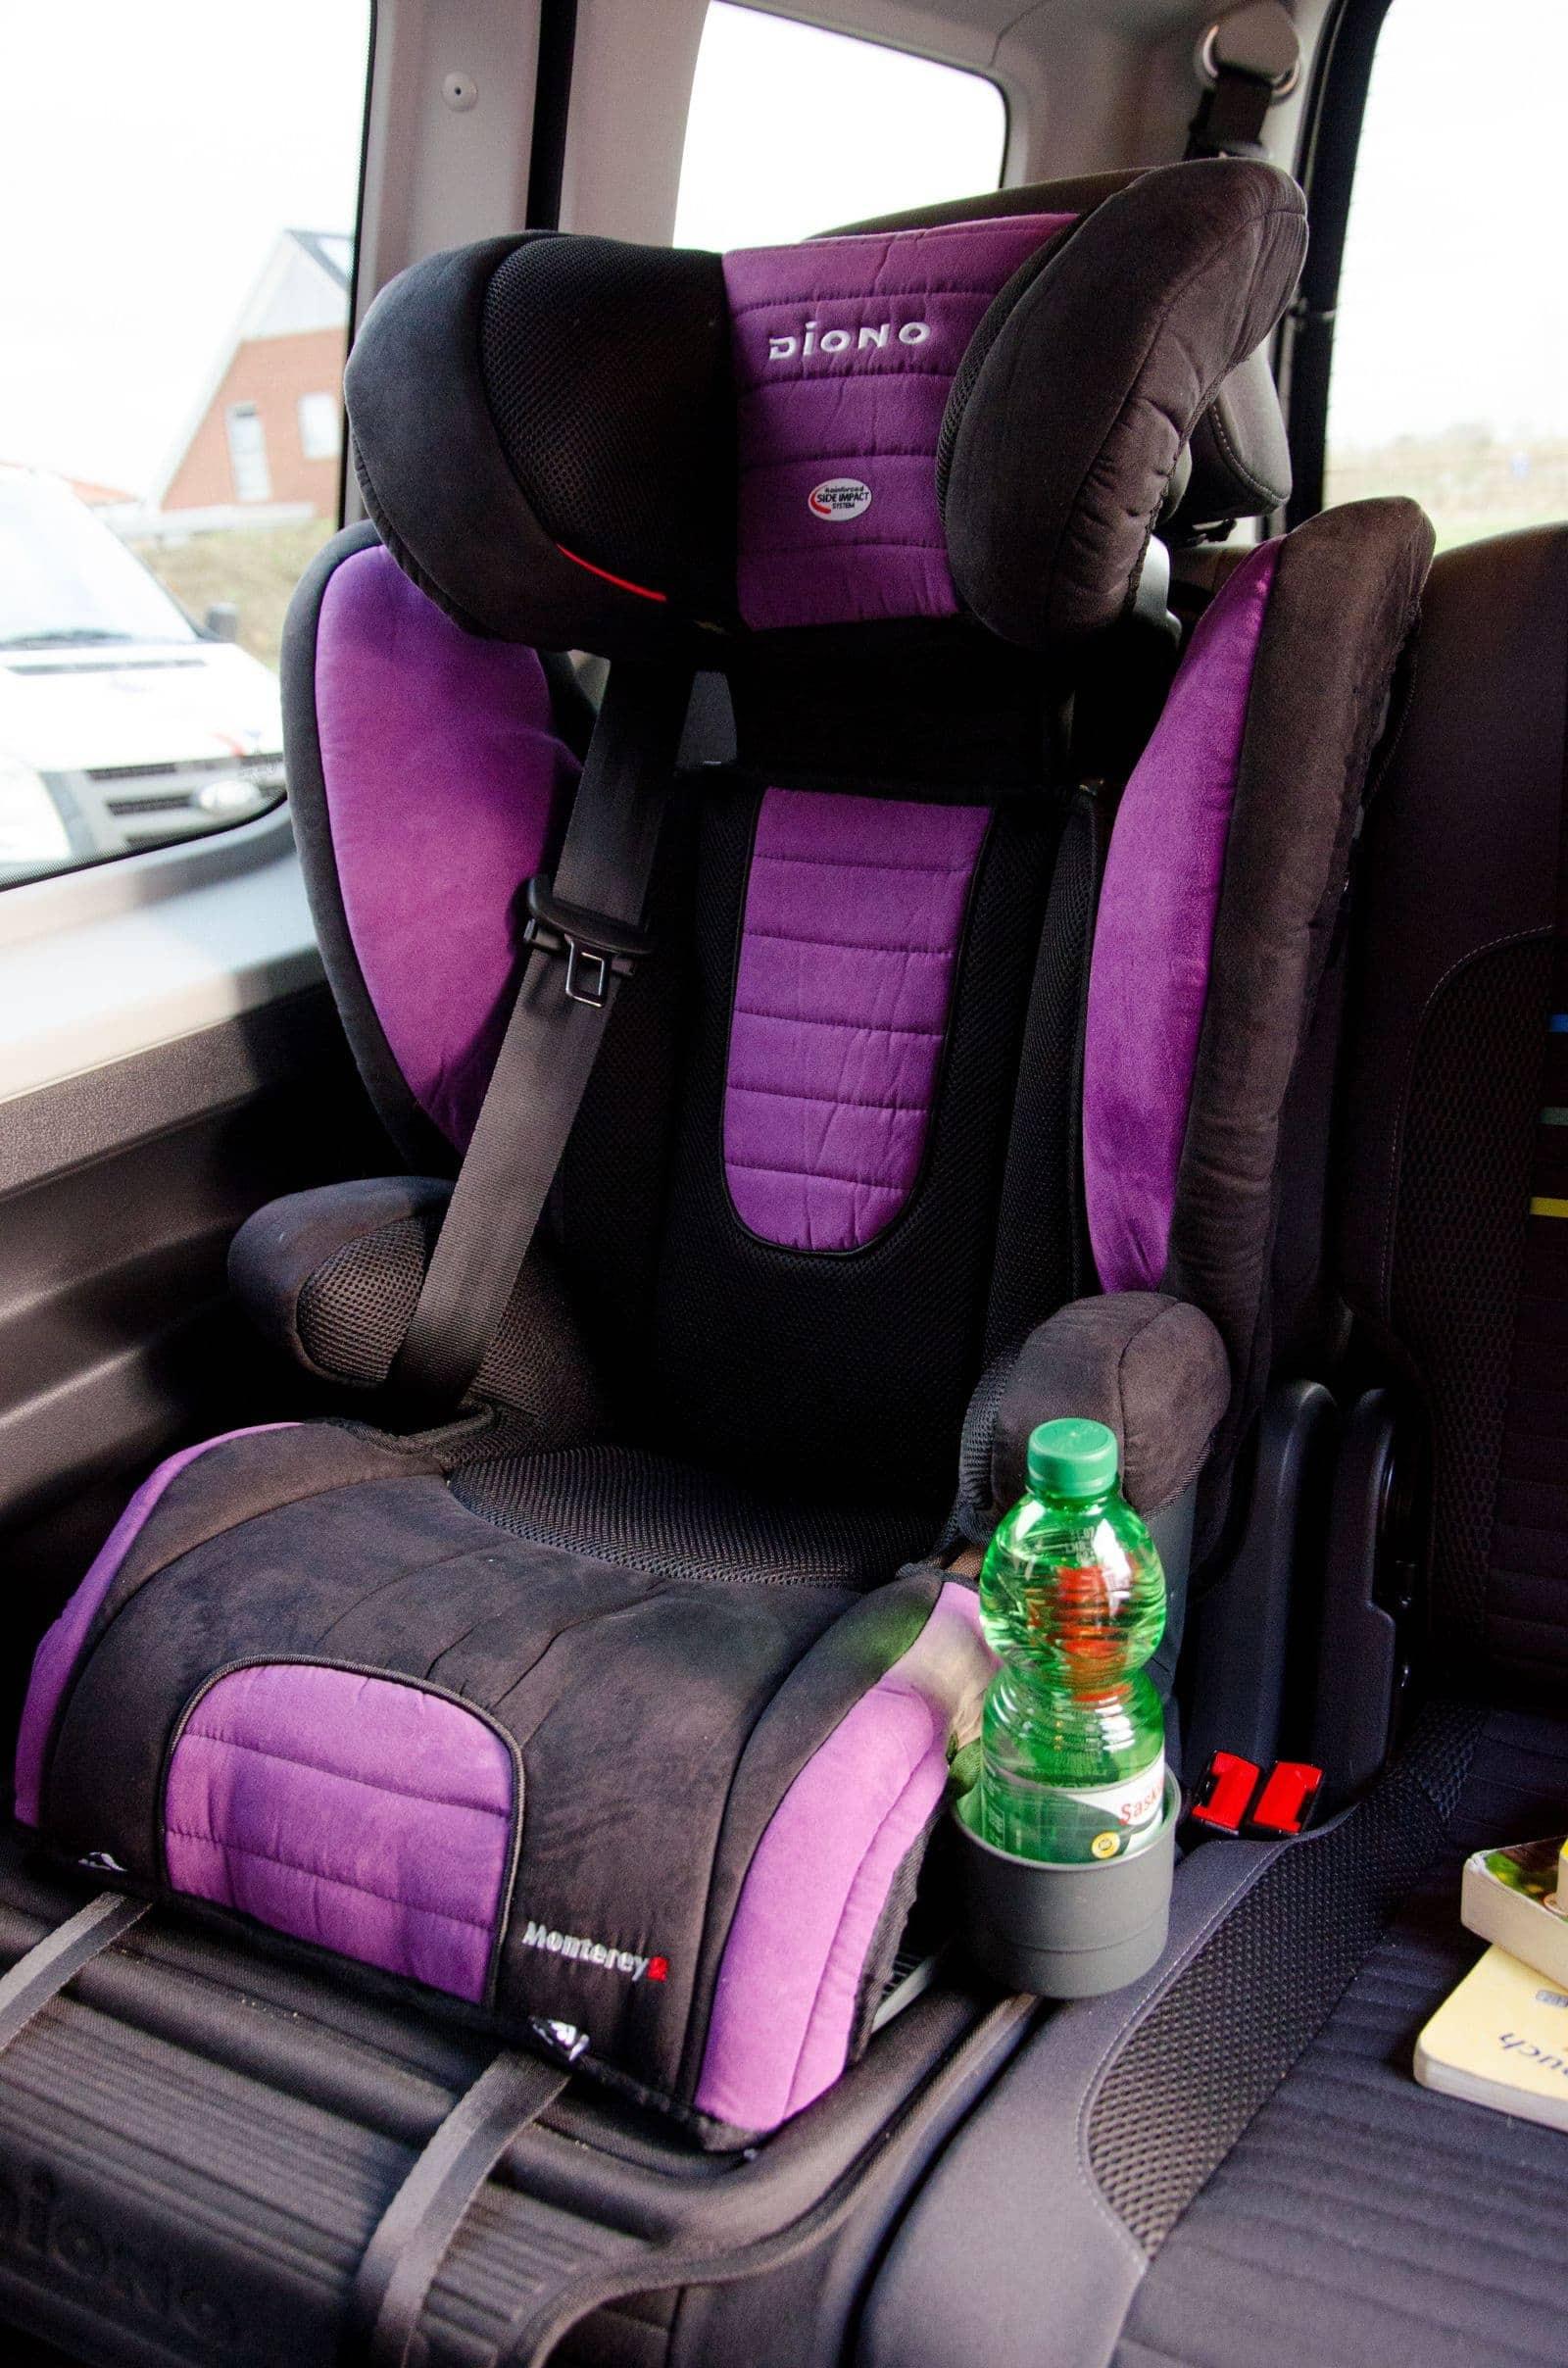 Diono Autositz 4